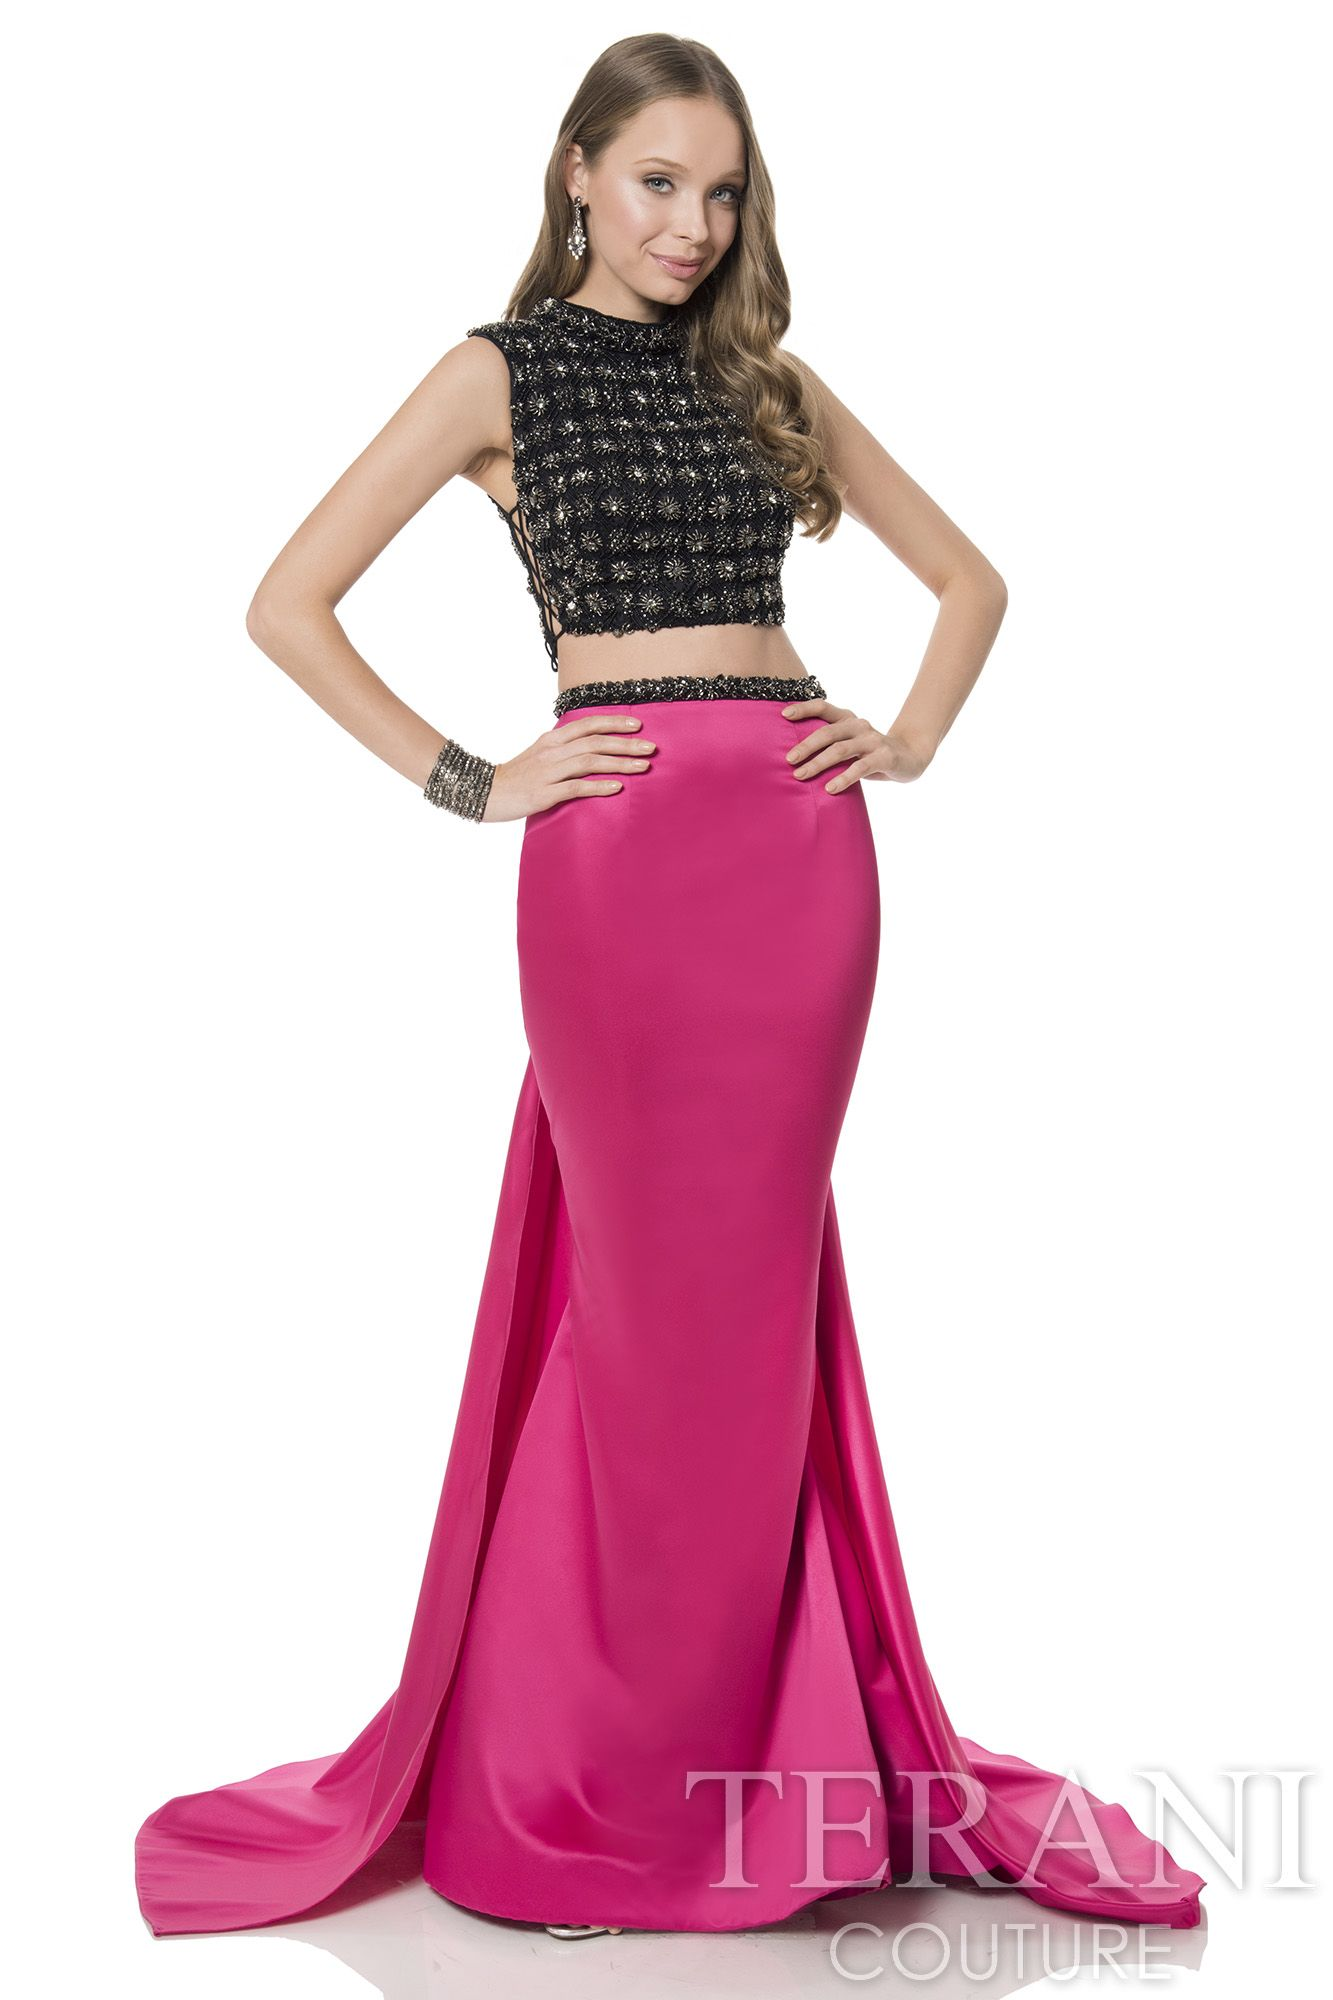 Terani Couture Prom Dresses 1611P1367 - USA Prom Dress http://bit.ly ...